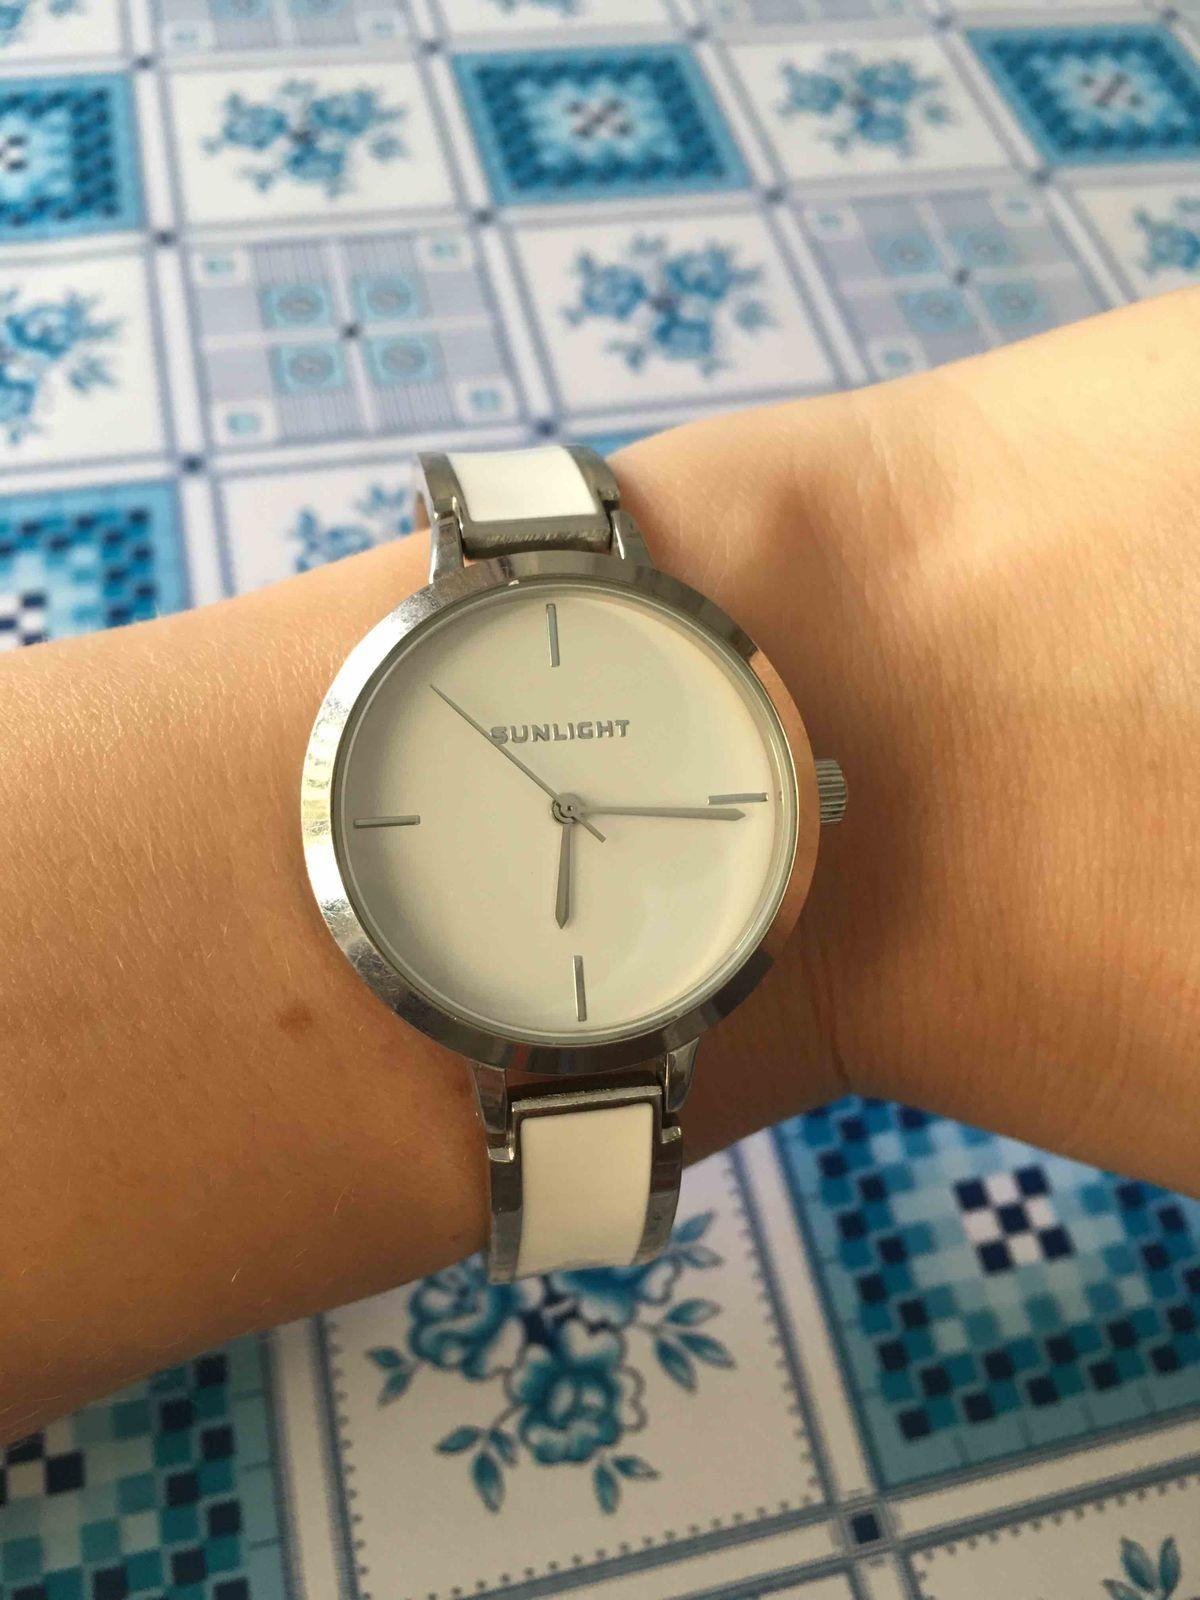 Симпатичные часы, но послужат недолго